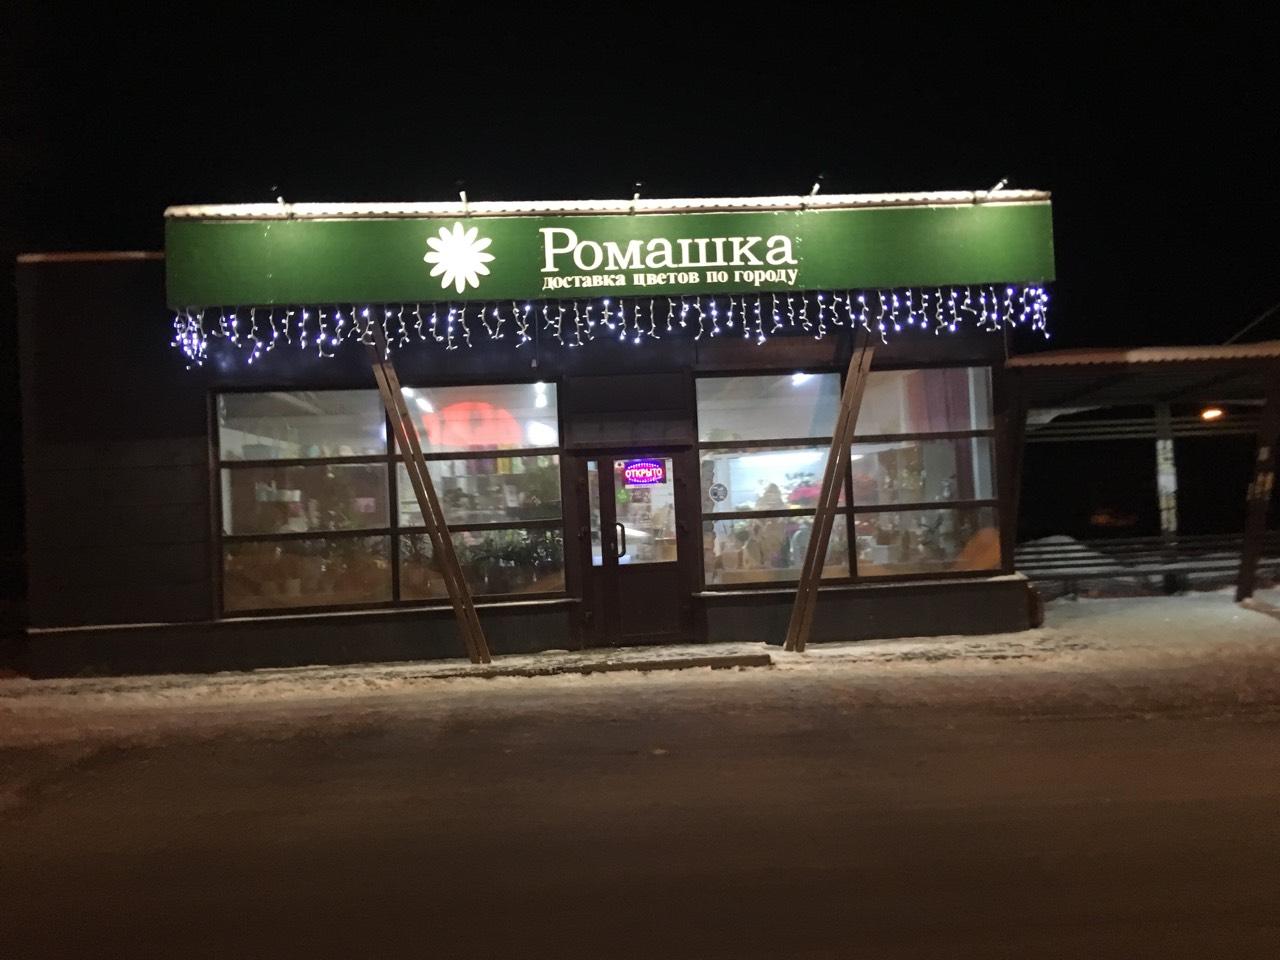 Остекление магазина -профиль пятикамерный ламинированный стеклопакет тонированный. Примерная сумма 150 000 рублей.